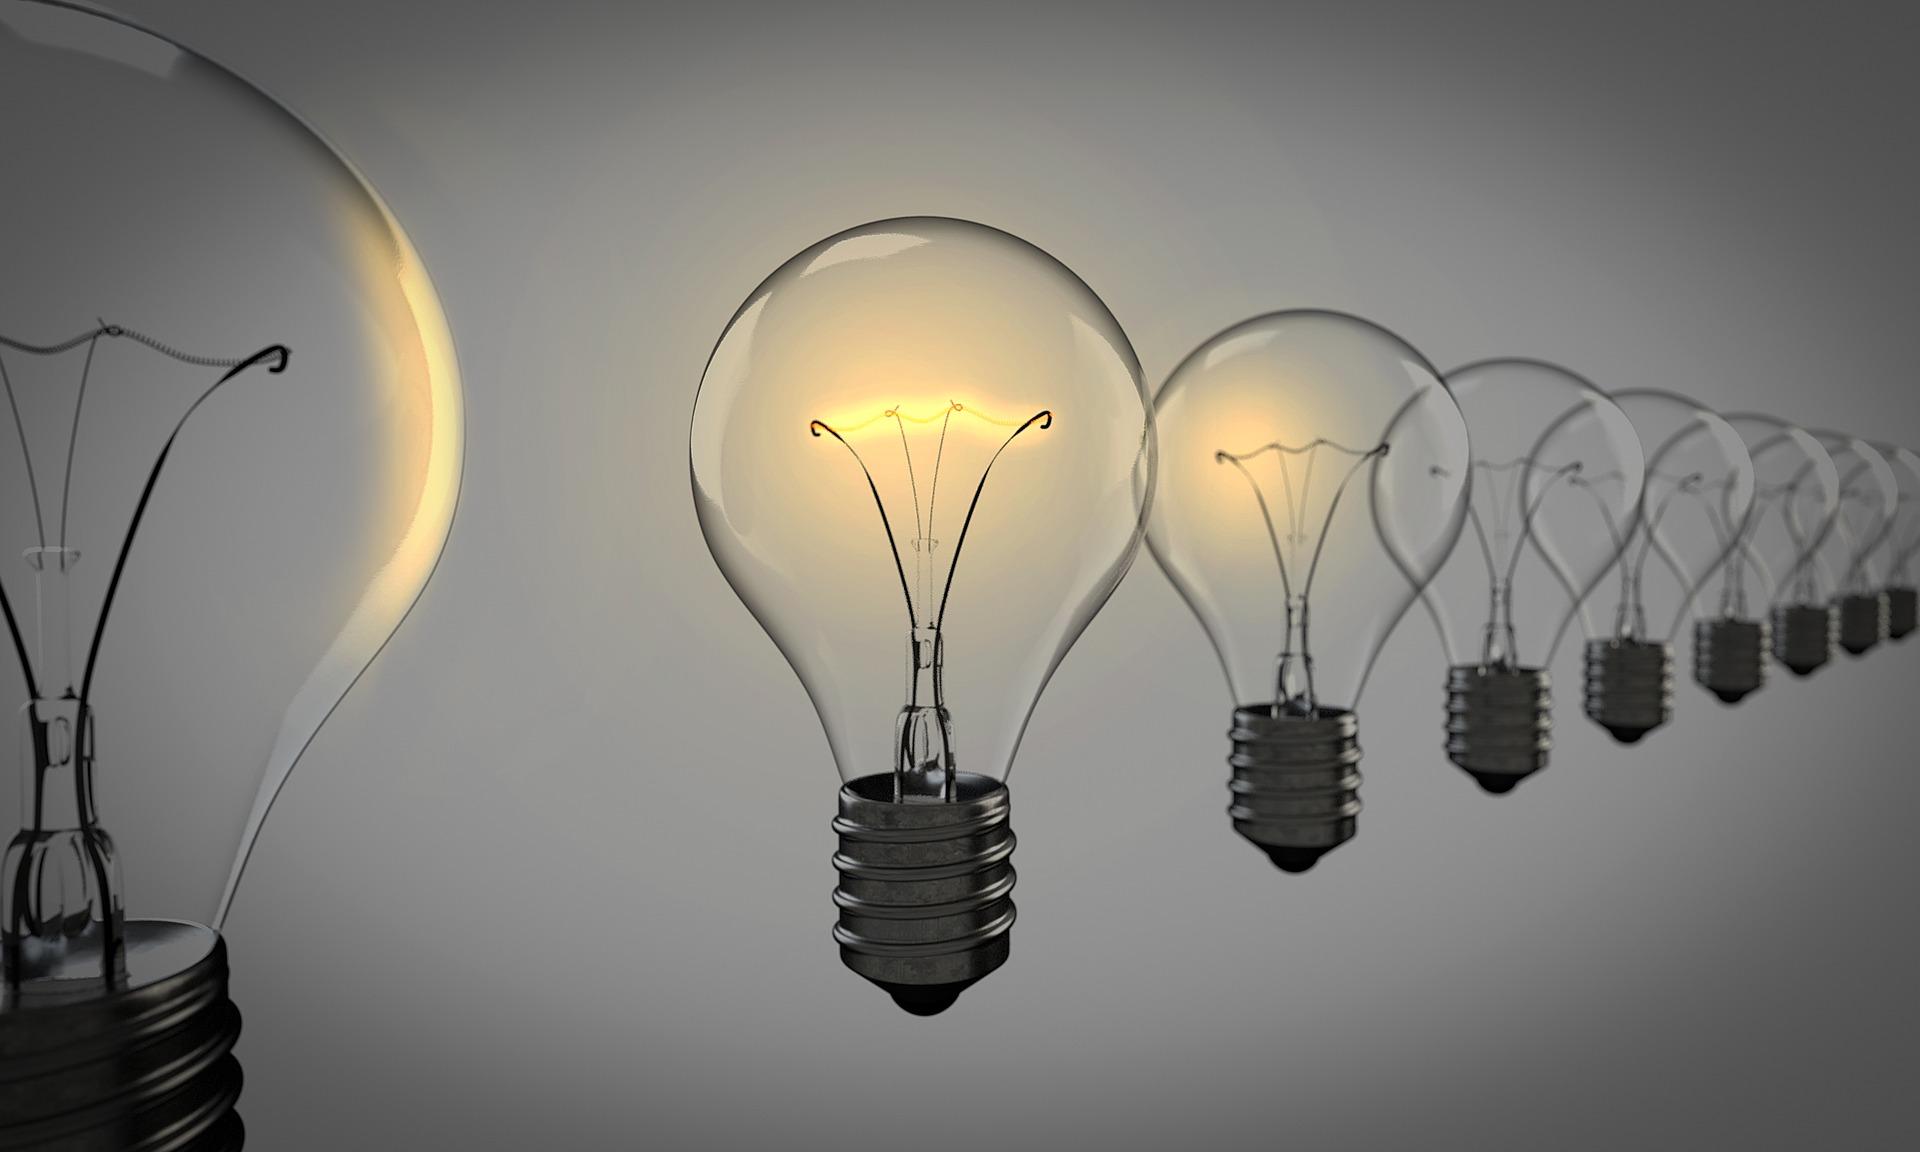 1a7ea-light-bulbs-1875384_1920.jpg